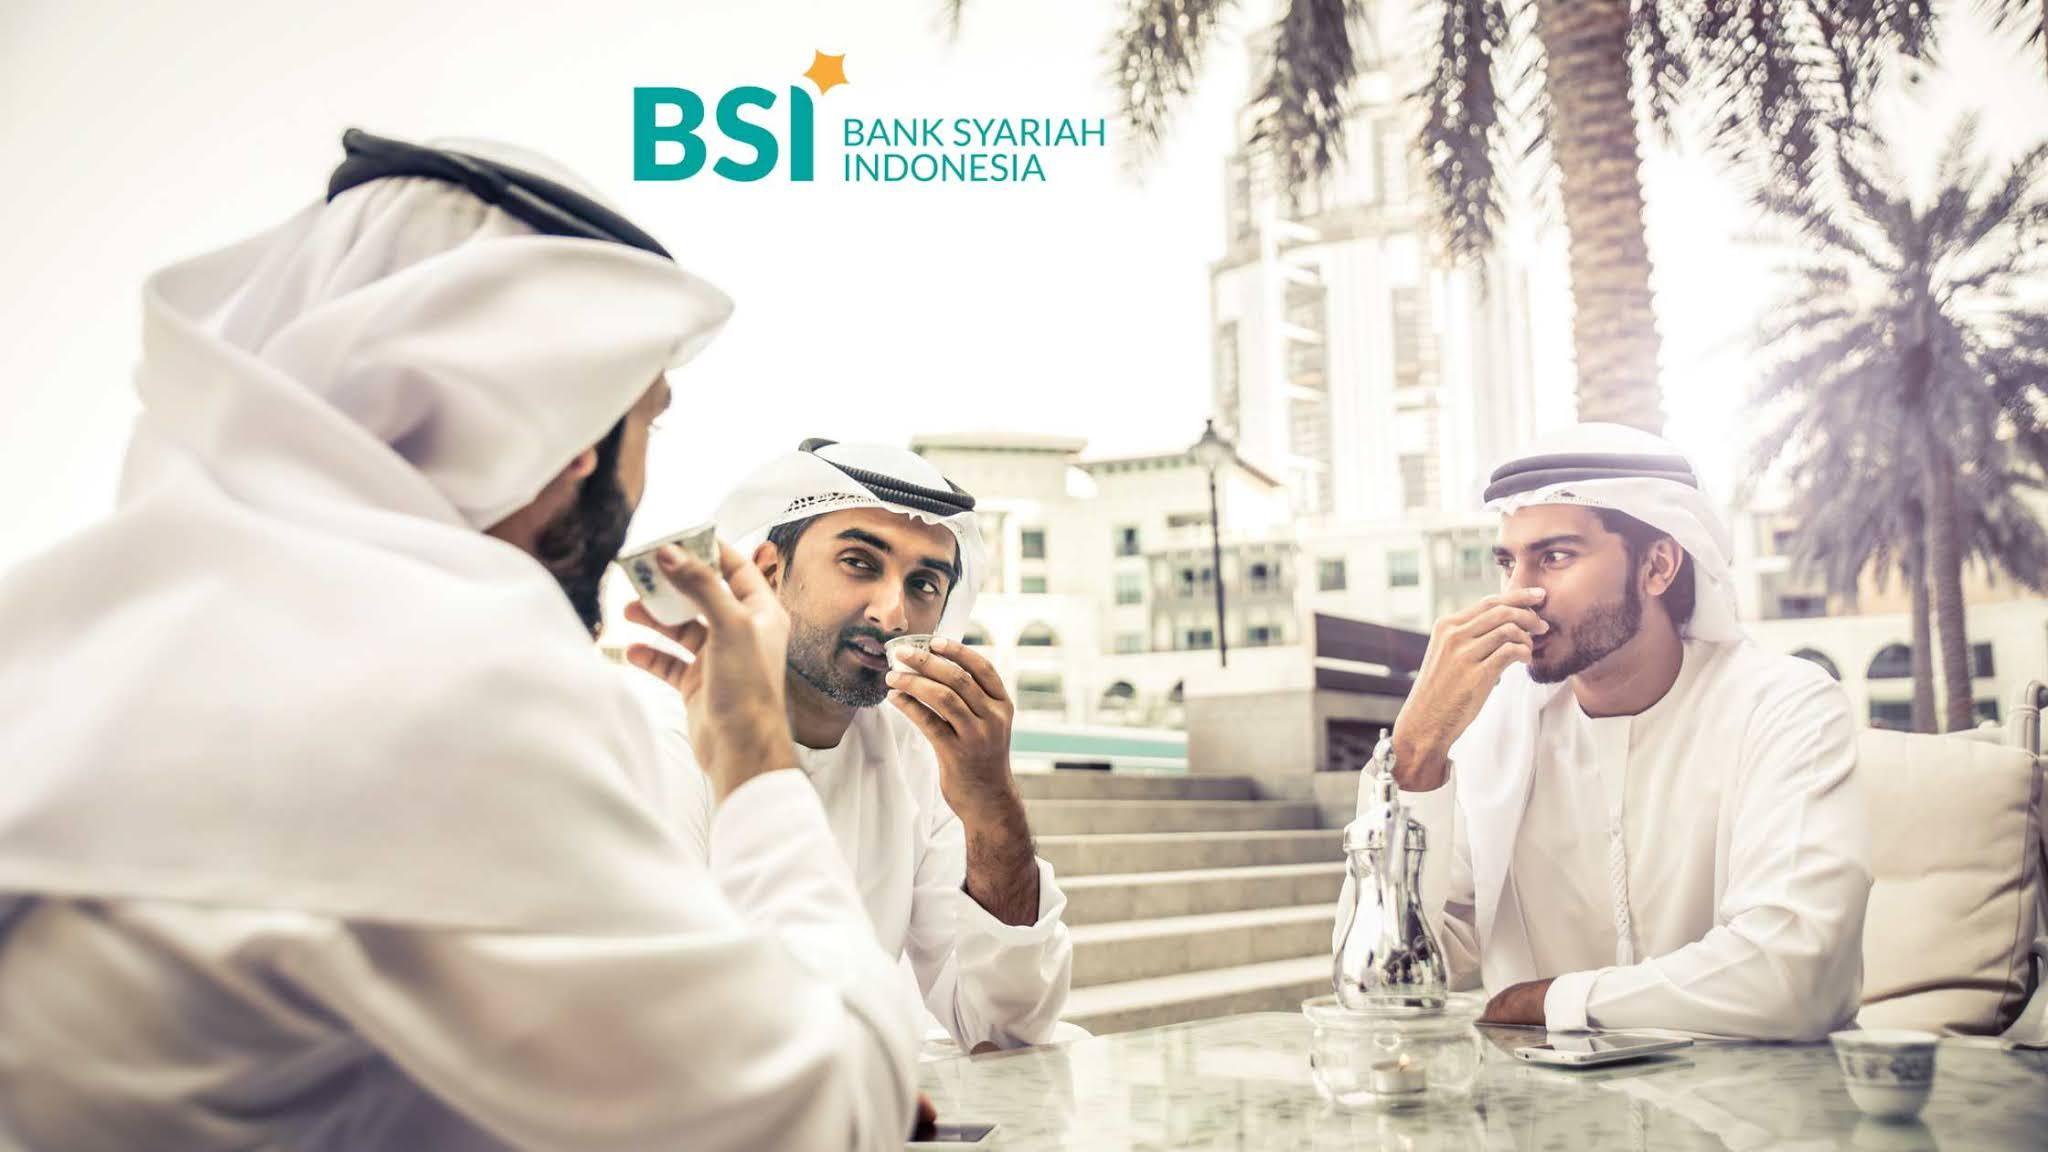 Kode BSI Bank Syariah Indonesia